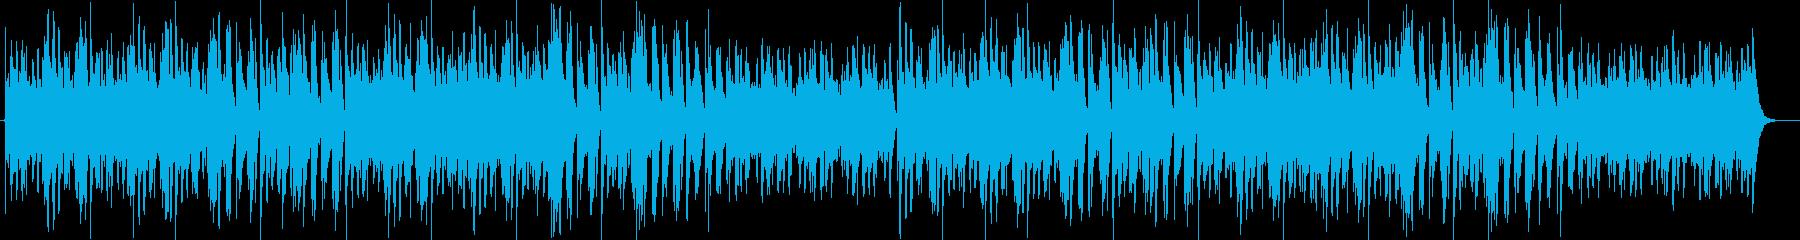 ゆっくりふんわりした木琴のようなbgmの再生済みの波形